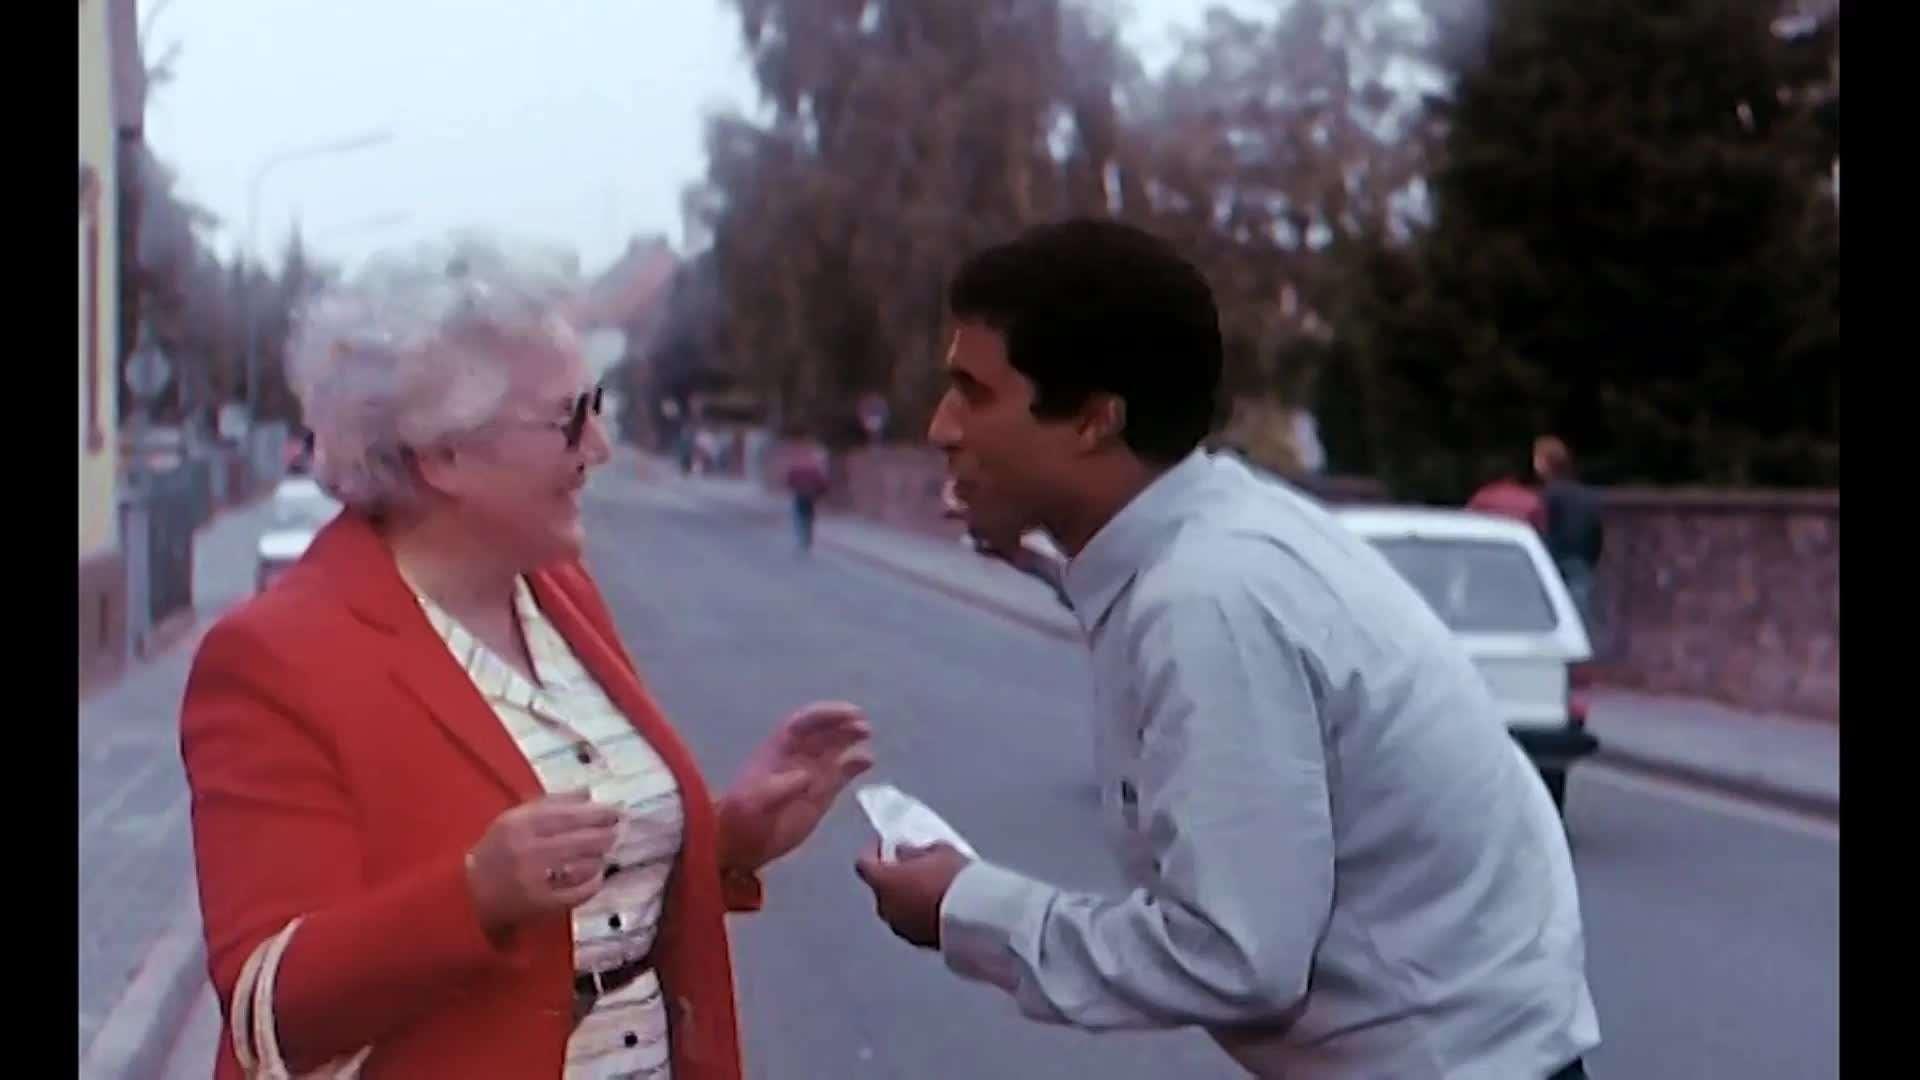 [فيلم][تورنت][تحميل][النمر الأسود][1984][1080p][Web-DL] 8 arabp2p.com